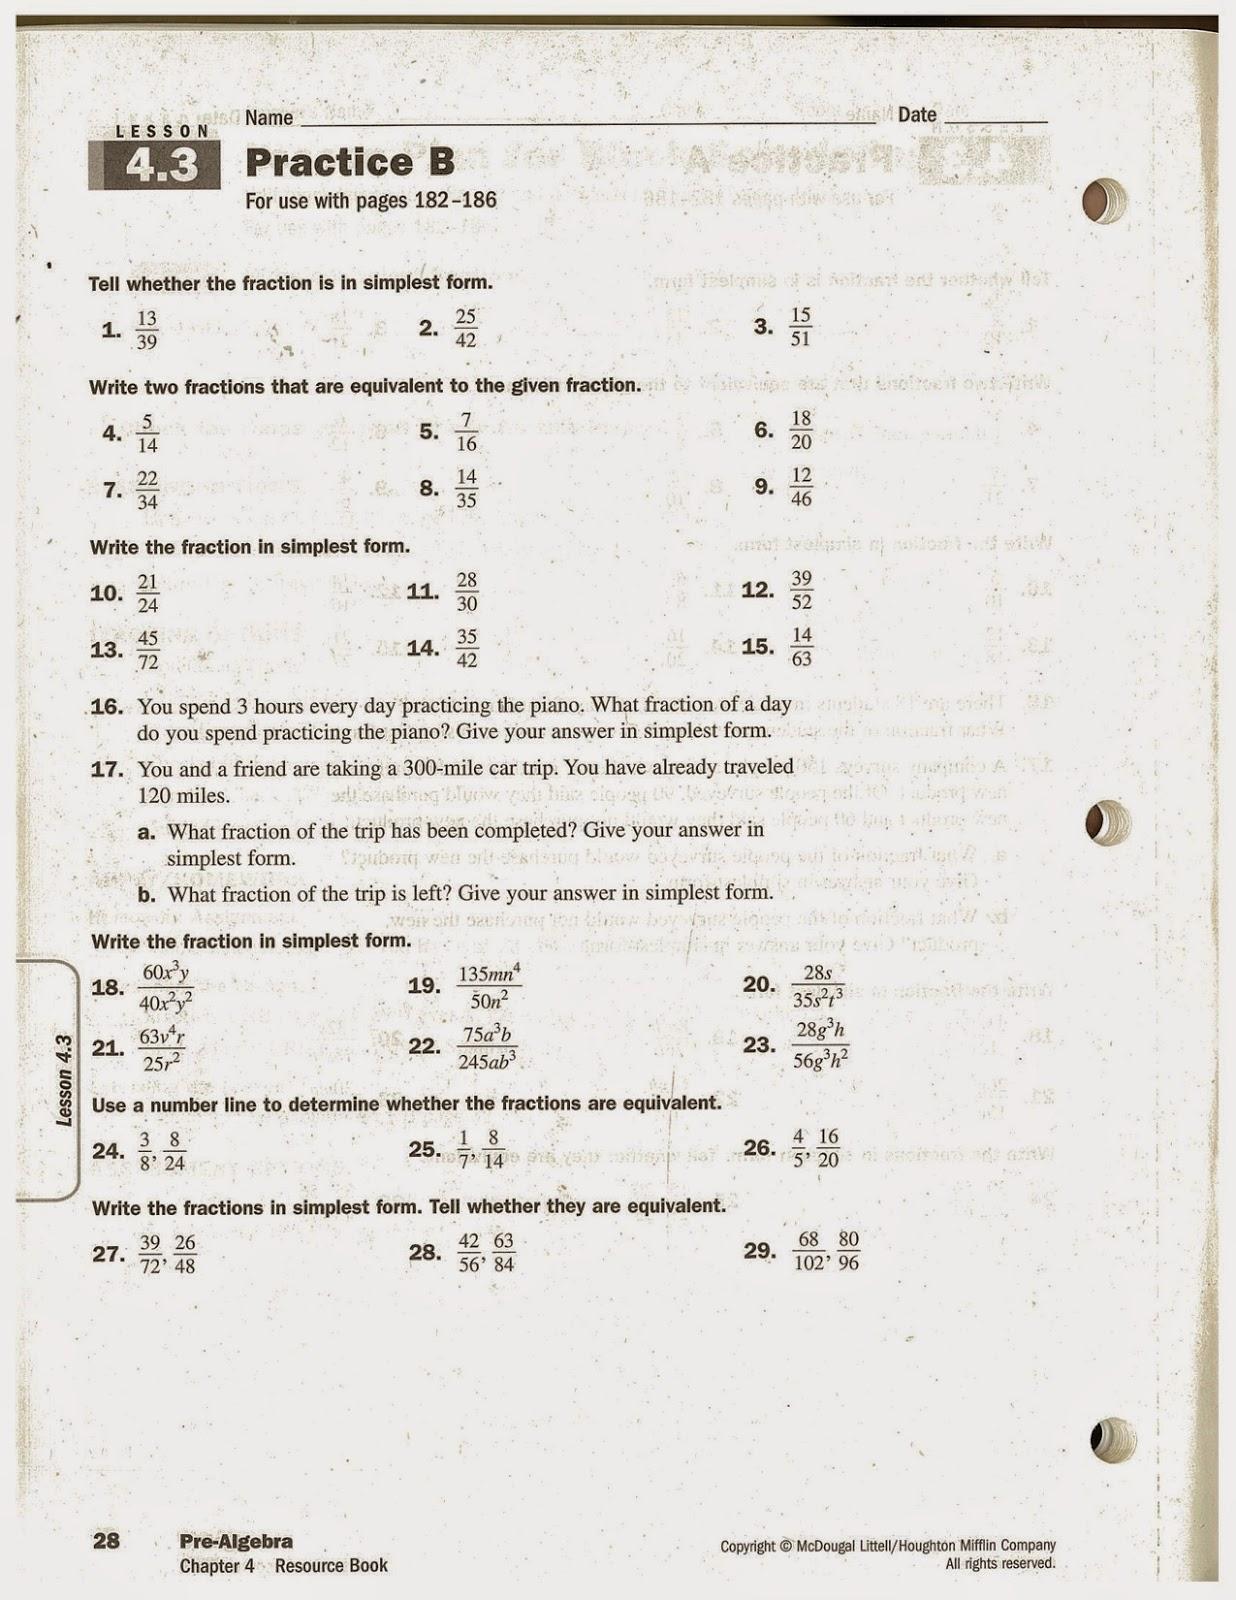 Heidemann 8th Grade Math 5th Period Pre Algebra 11 25